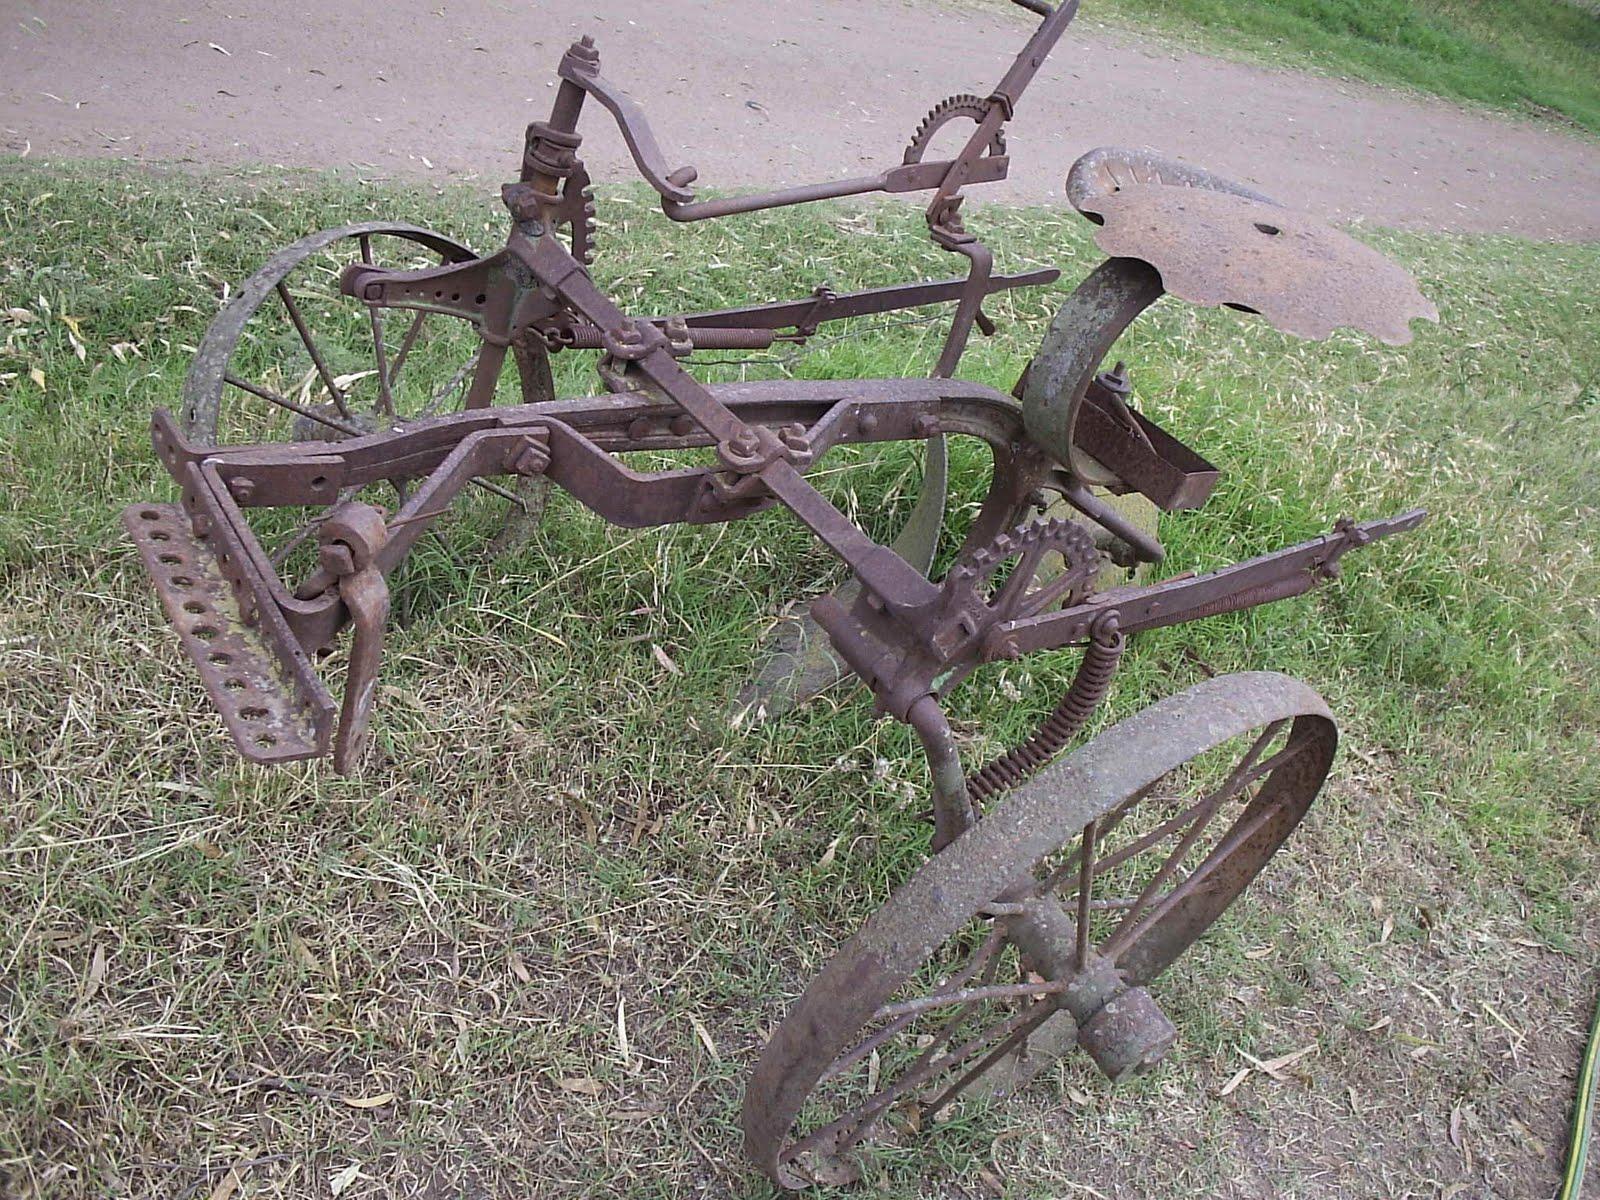 Rumbo al centenario de 12 de octubre herramientas antiguas - Herramientas de campo antiguas ...